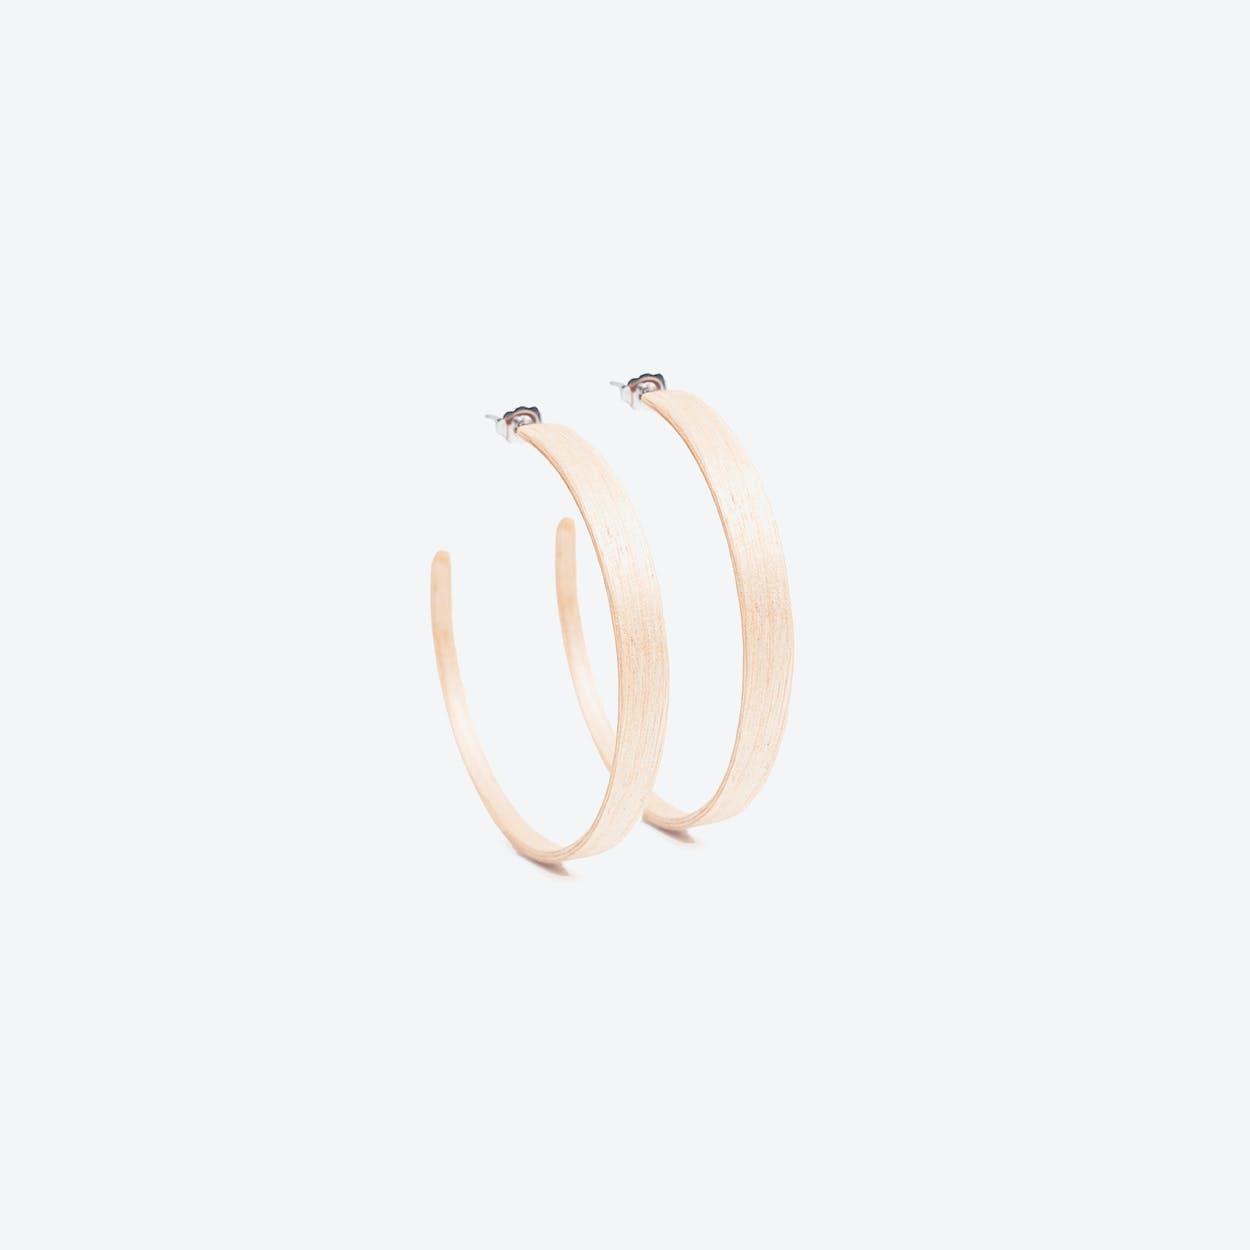 Ring Earrings in Birch